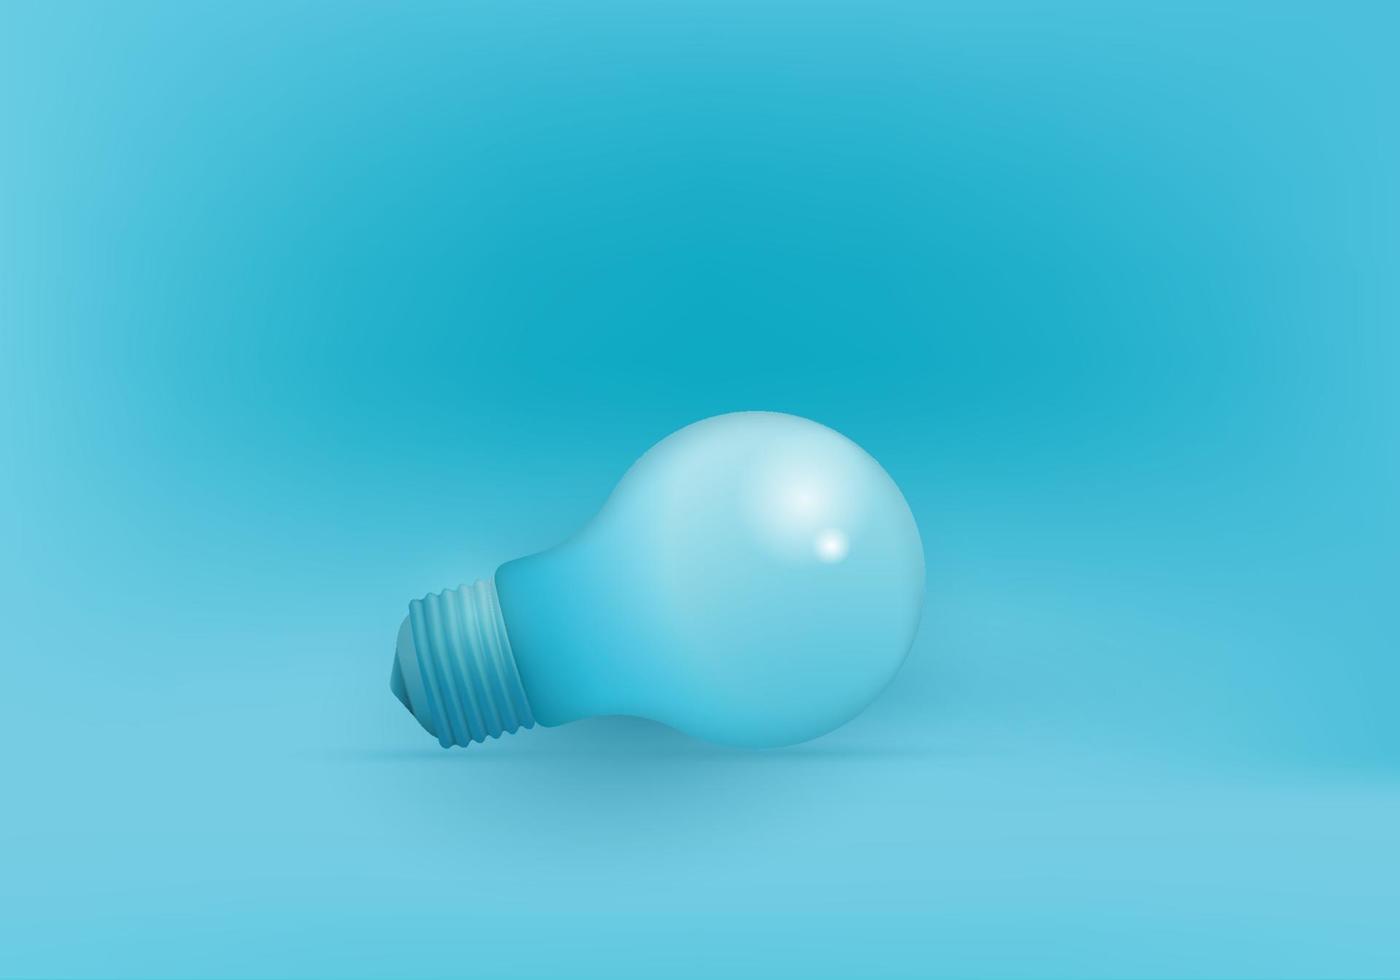 bulb creative idea creativity, New idea and concept with light bulb vector